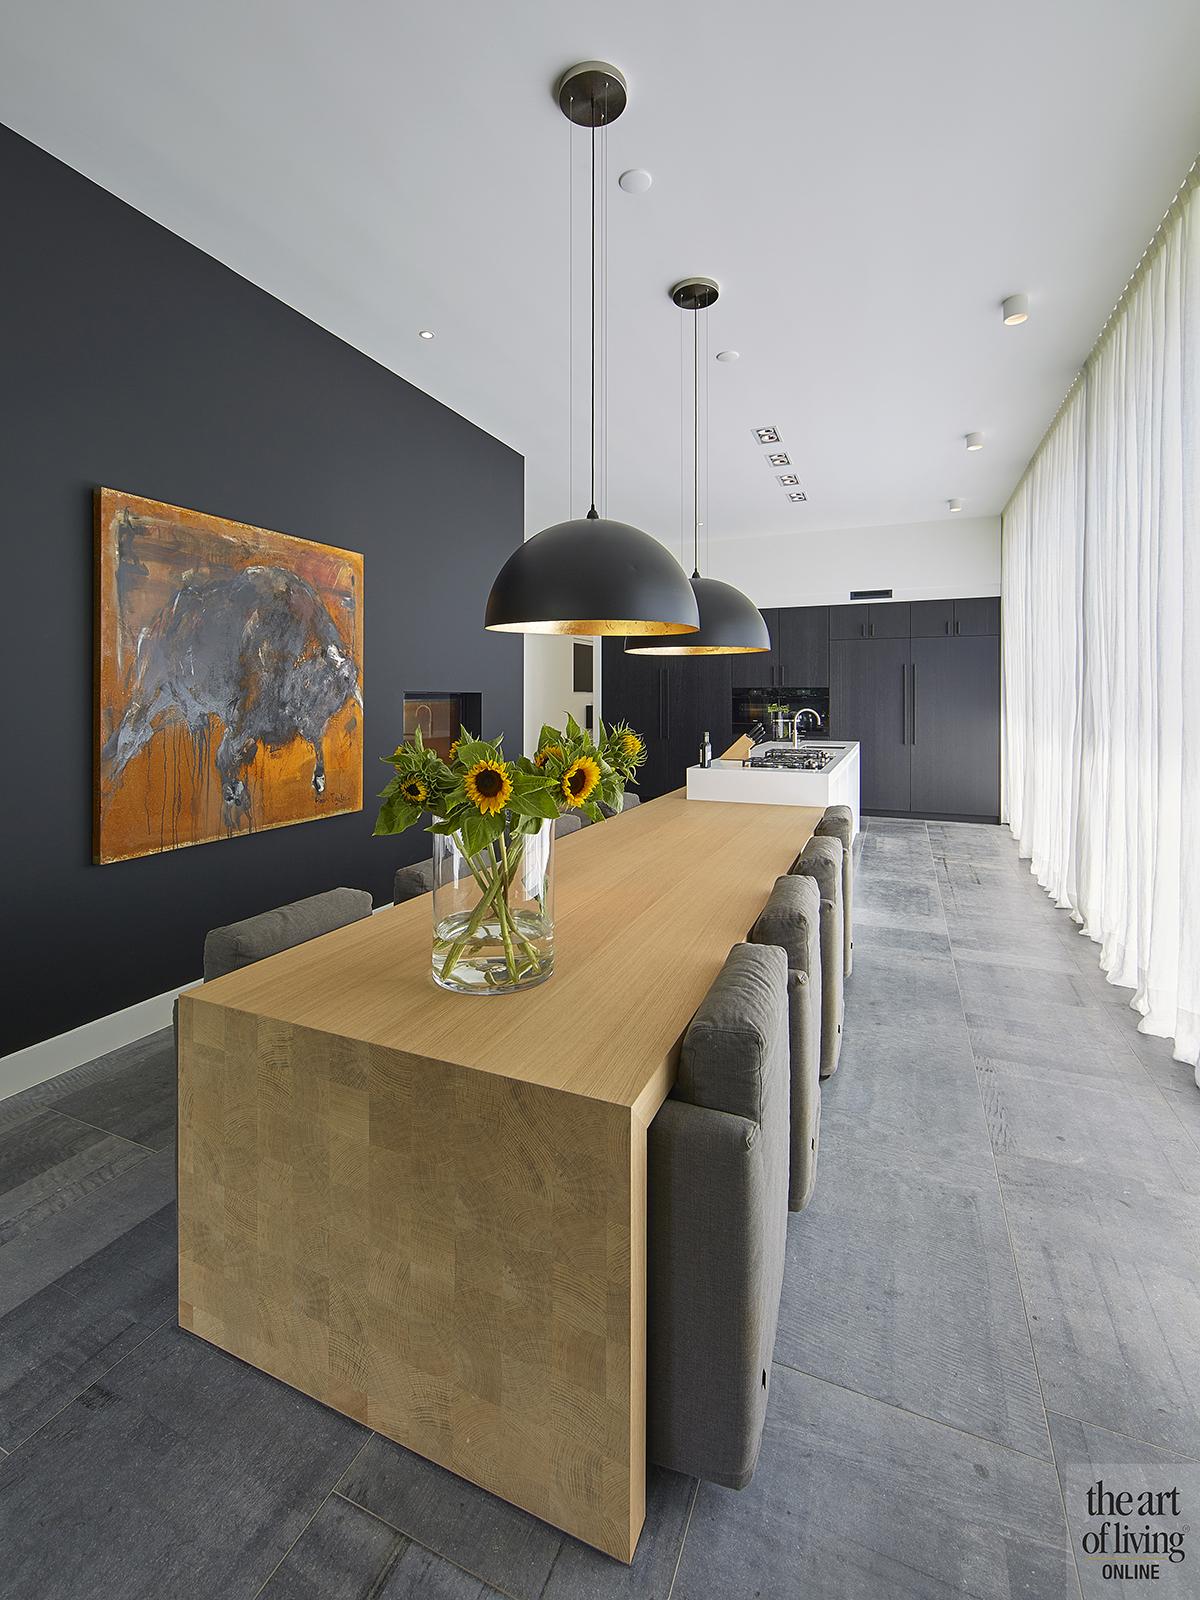 Nieuwbouw villa, Split level, Strak, Modern, Joost van der Sande, Keuken, Maatwerk, Contrast, Interieur, Eettafel